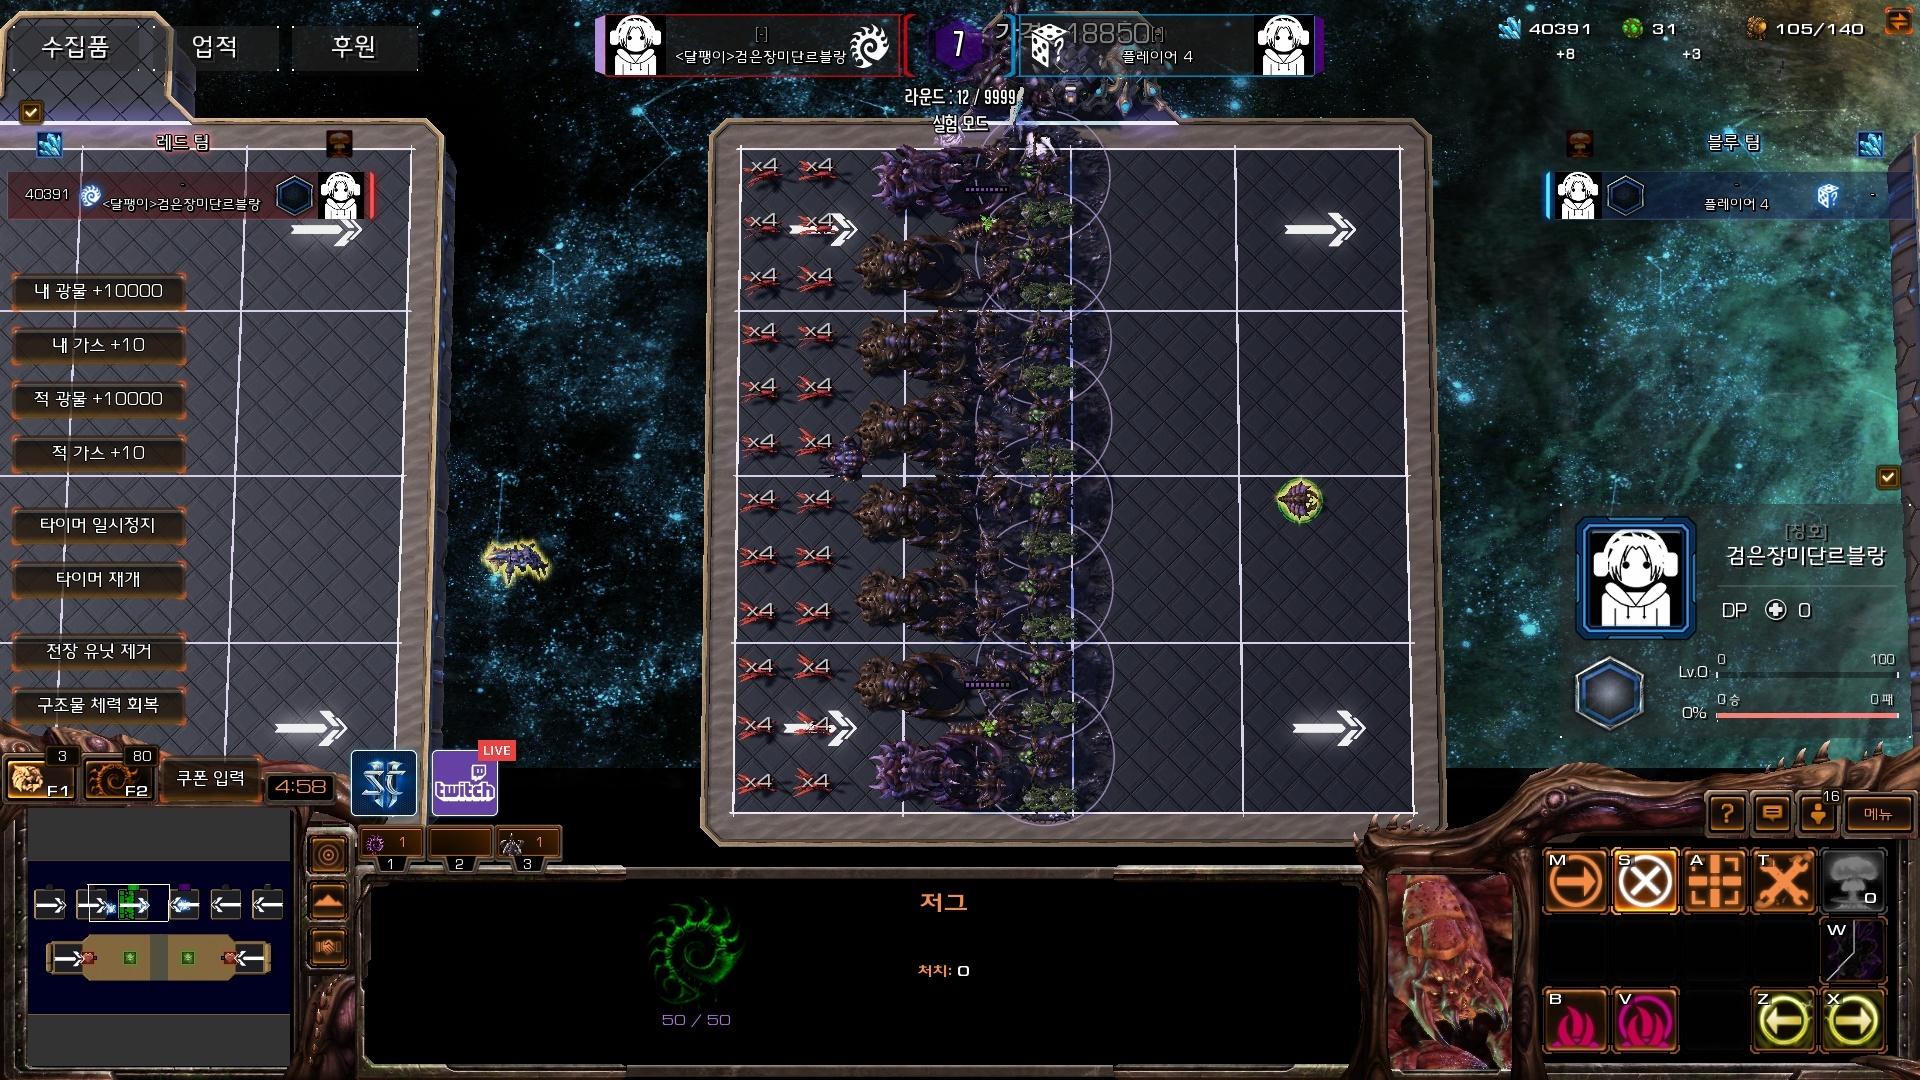 Screenshot2019-08-16 13_42_31.jpg